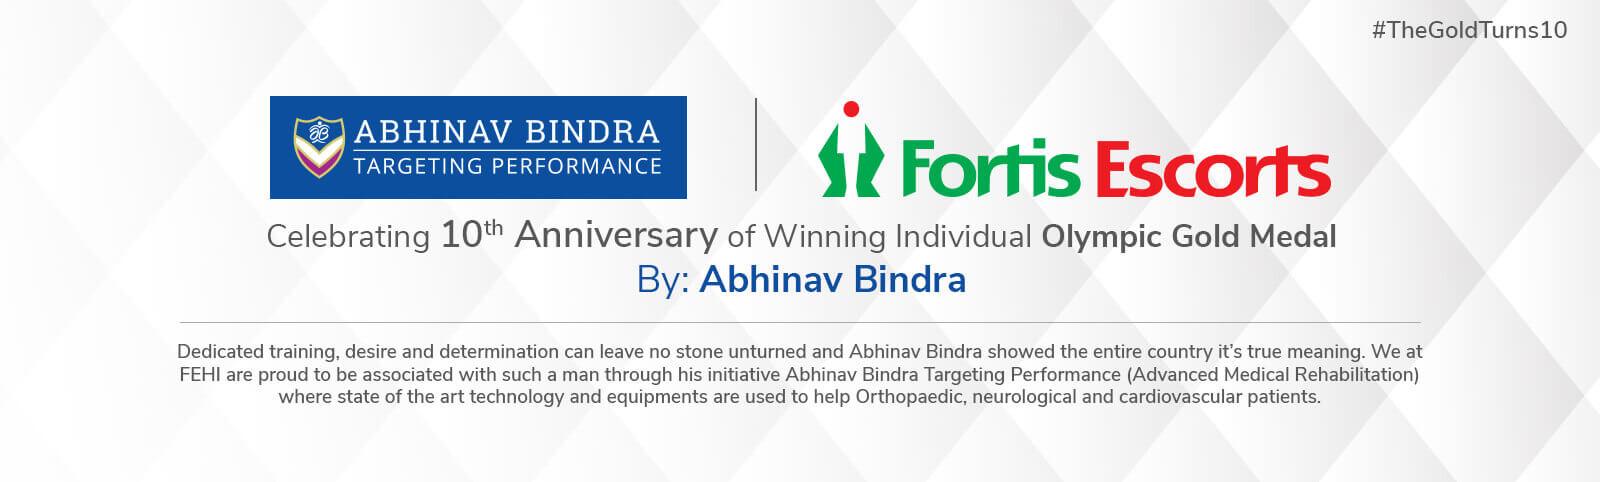 Abhinav-Bindra